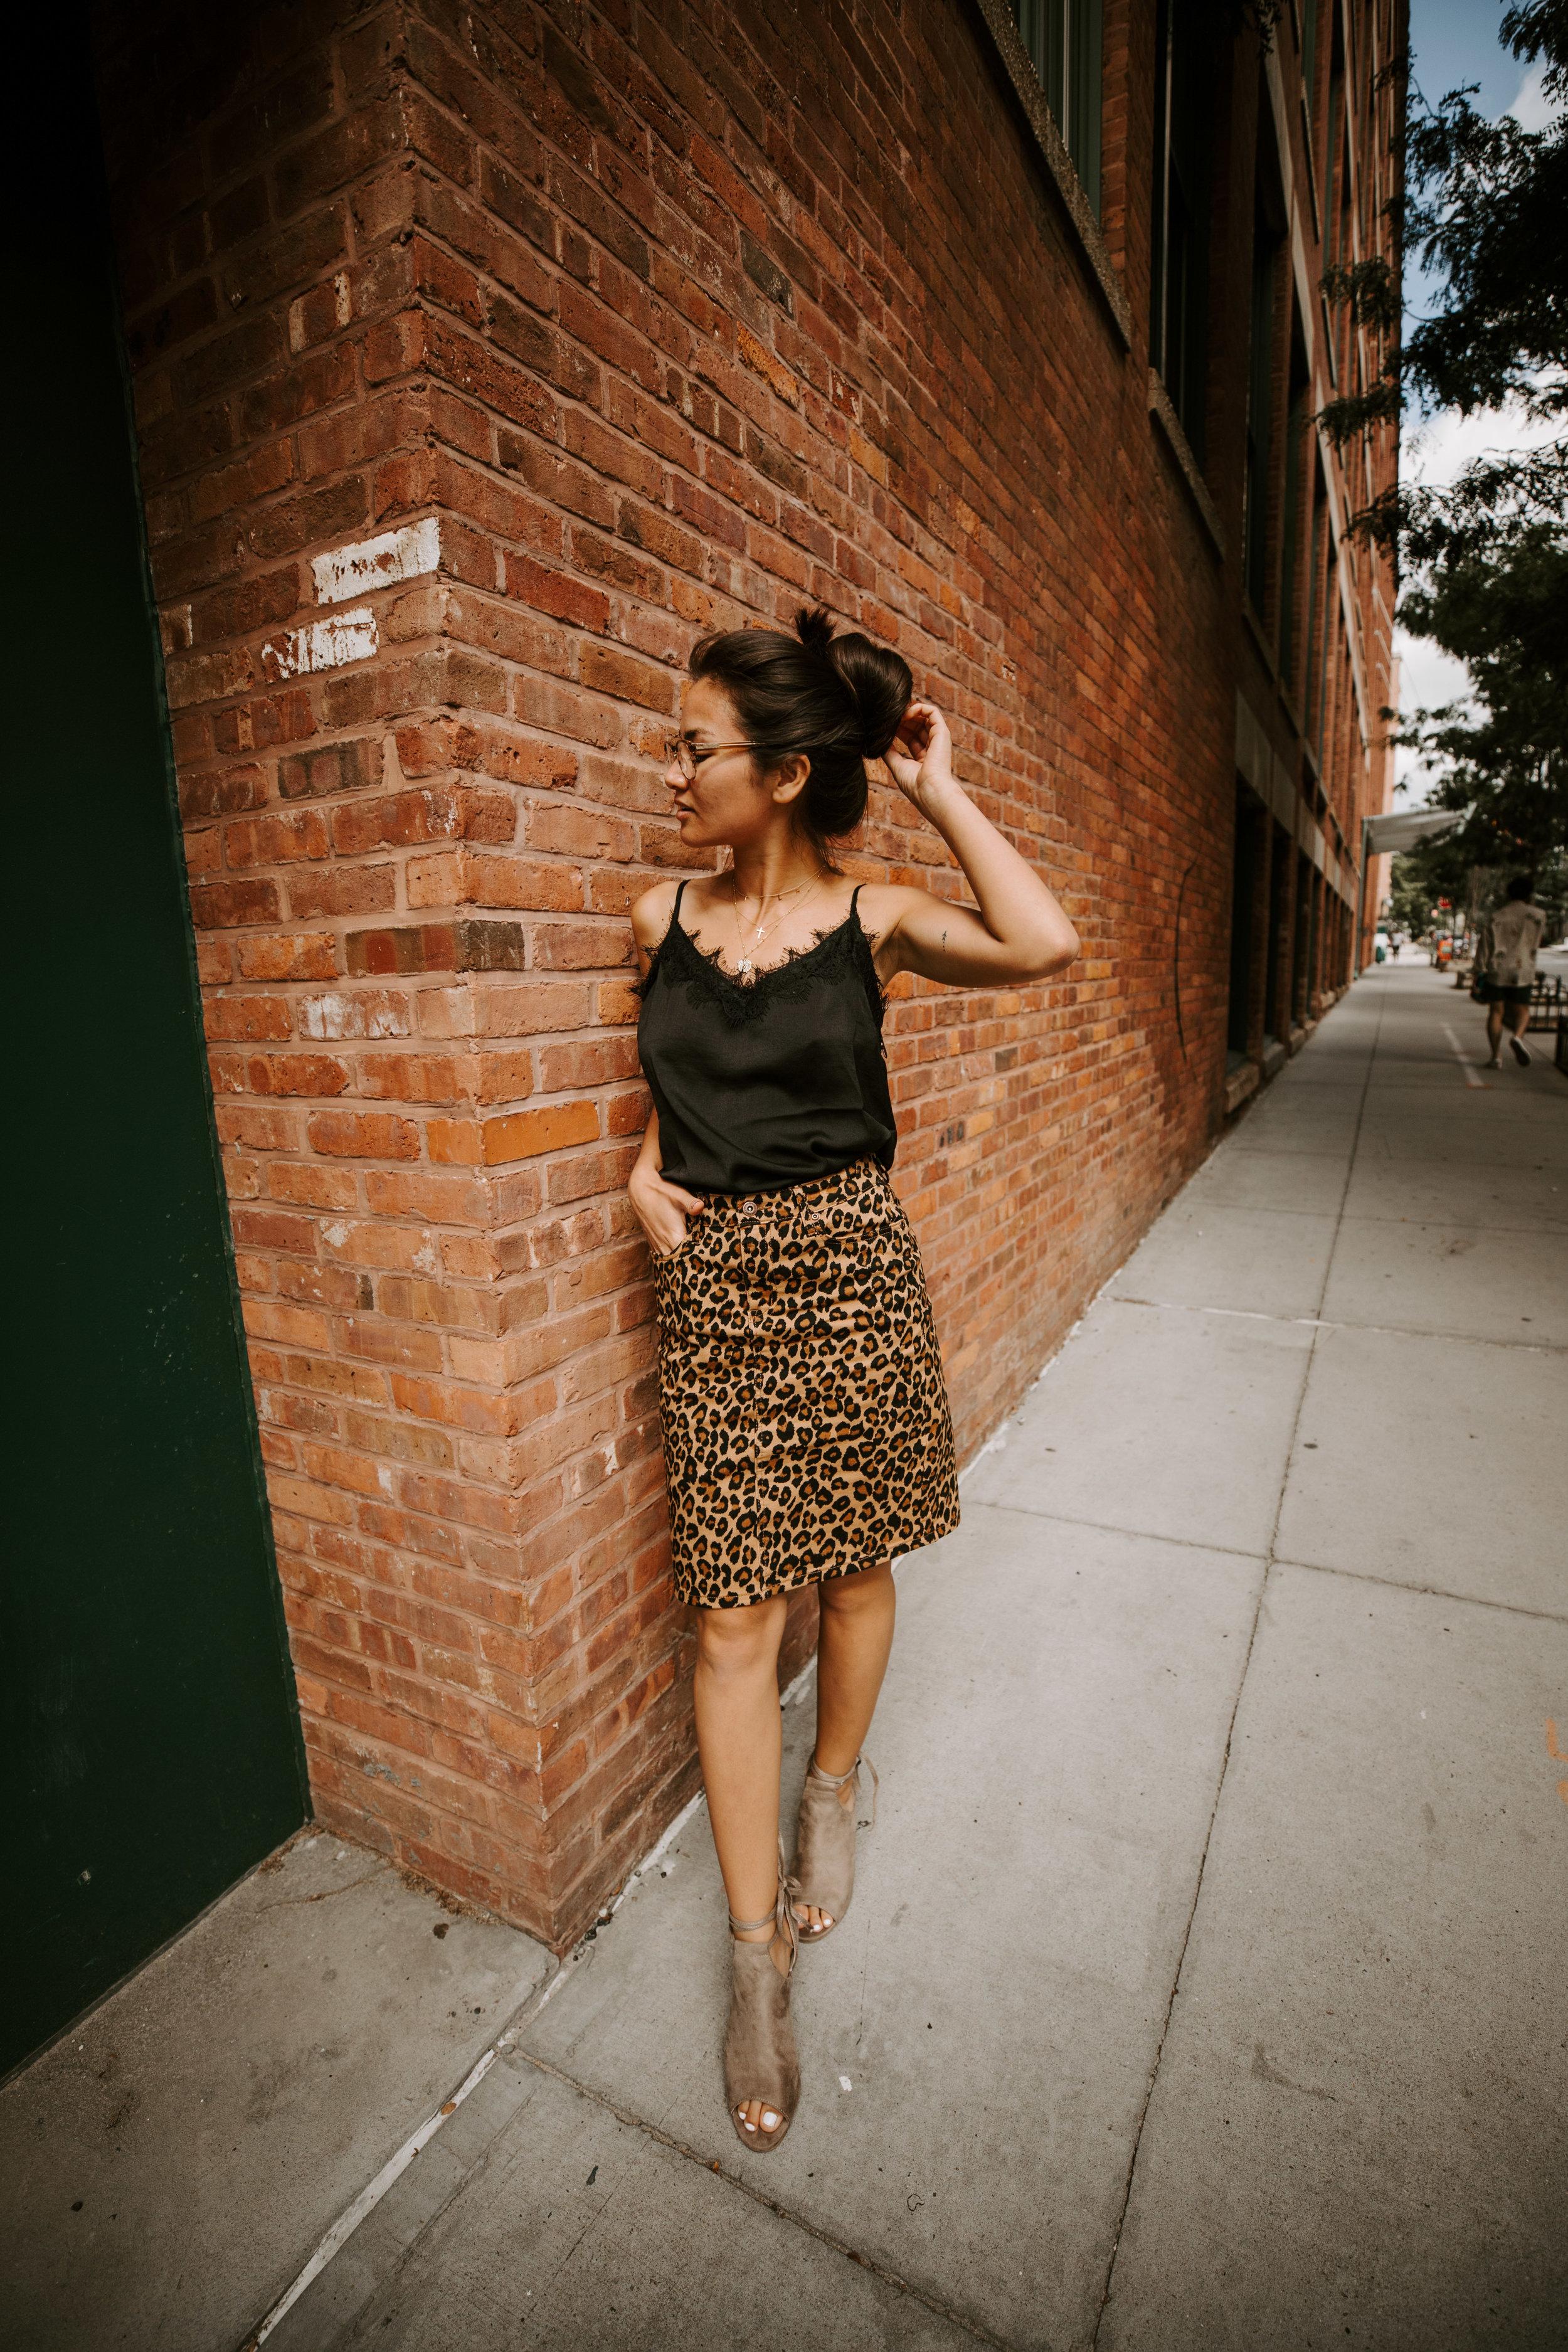 caila quinn the bachelor walmart fall fashion leopard print skirt